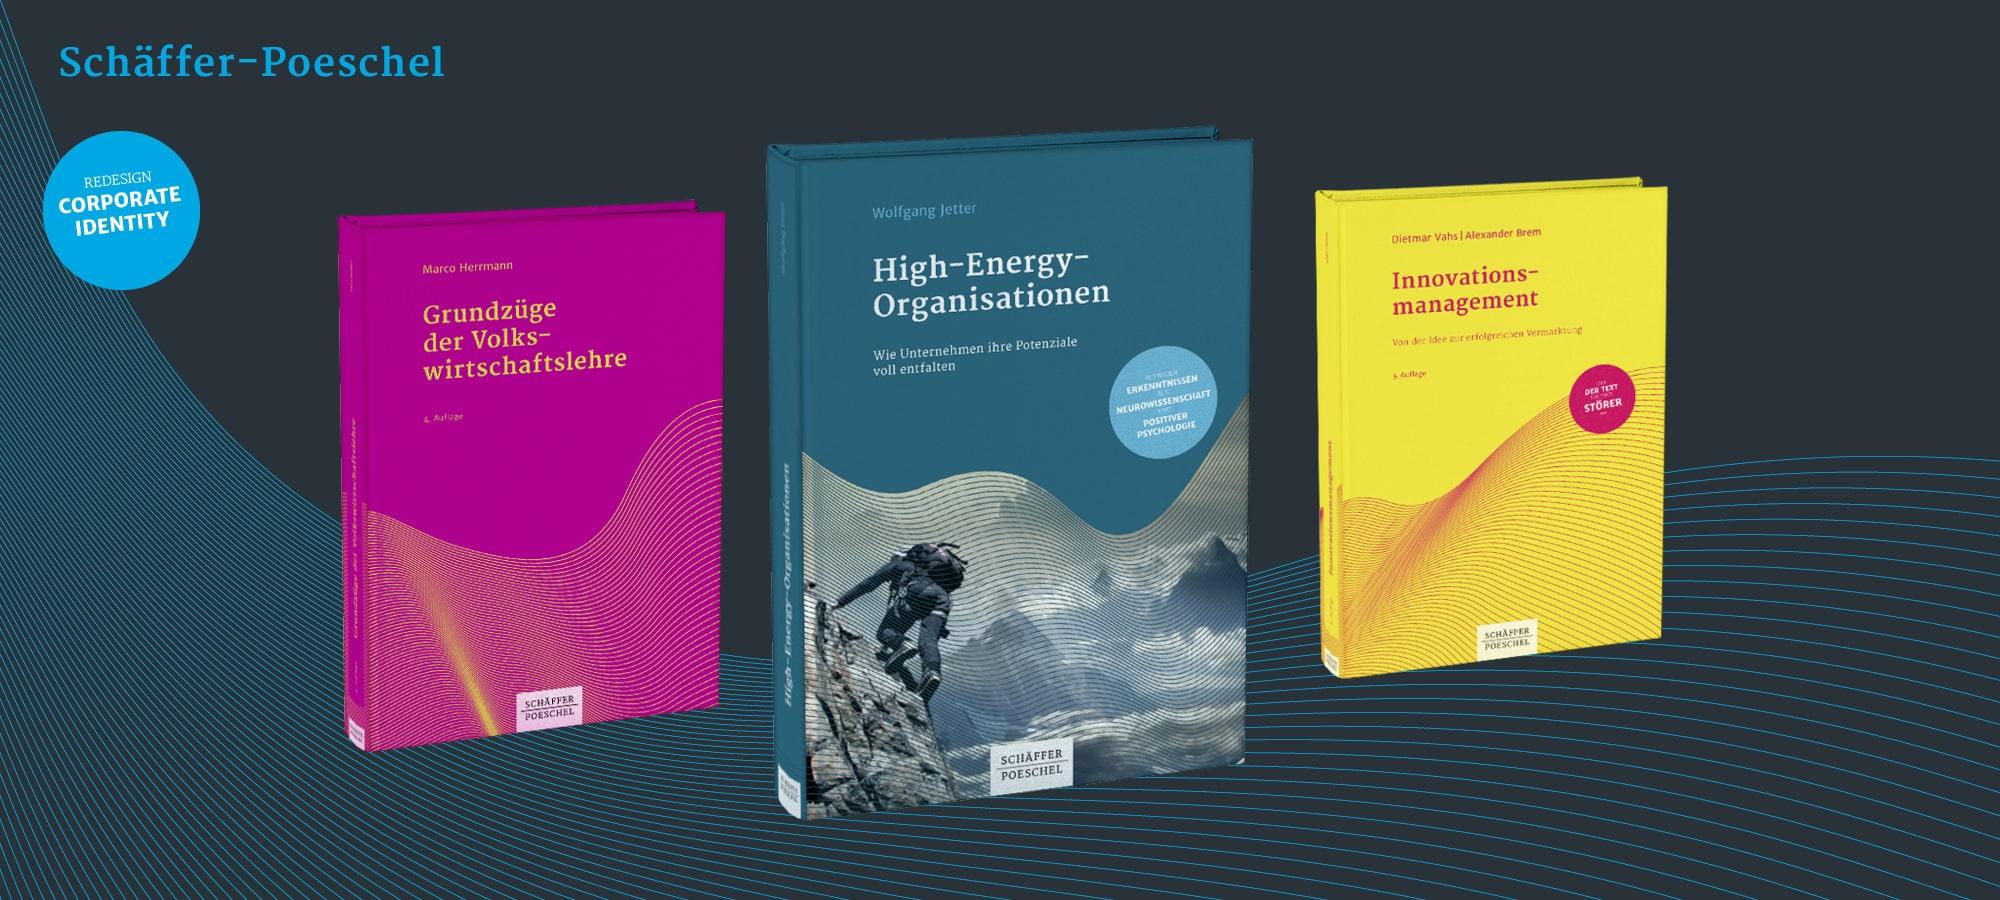 Corporate Design: Der Schäffer-Poeschel Verlag